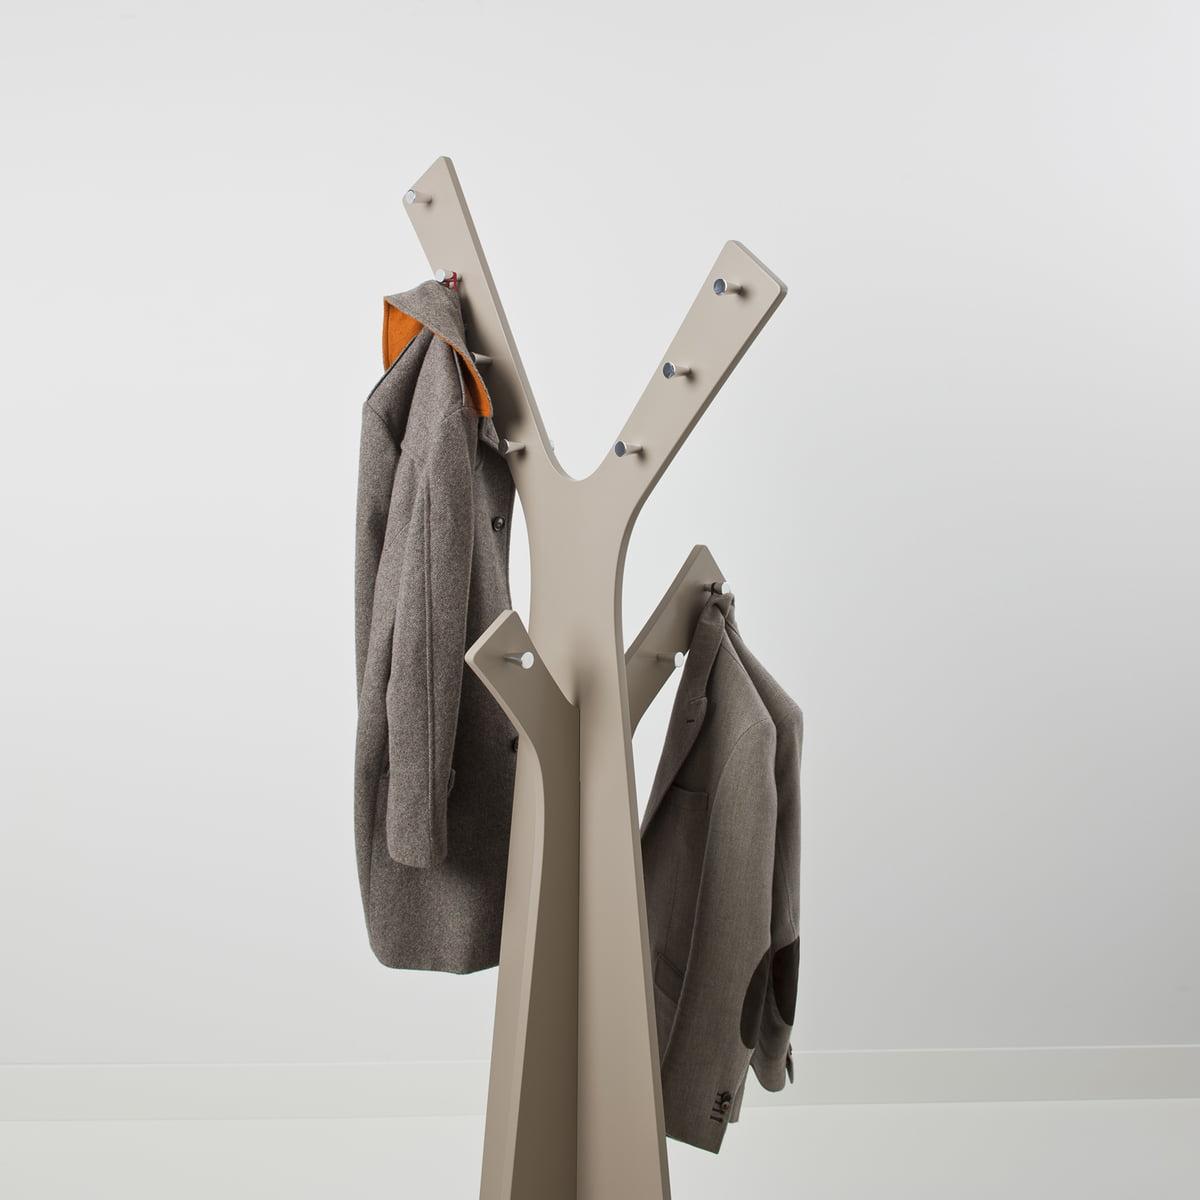 cascando tree stand wardrobe grey with jackets - Clothes Tree